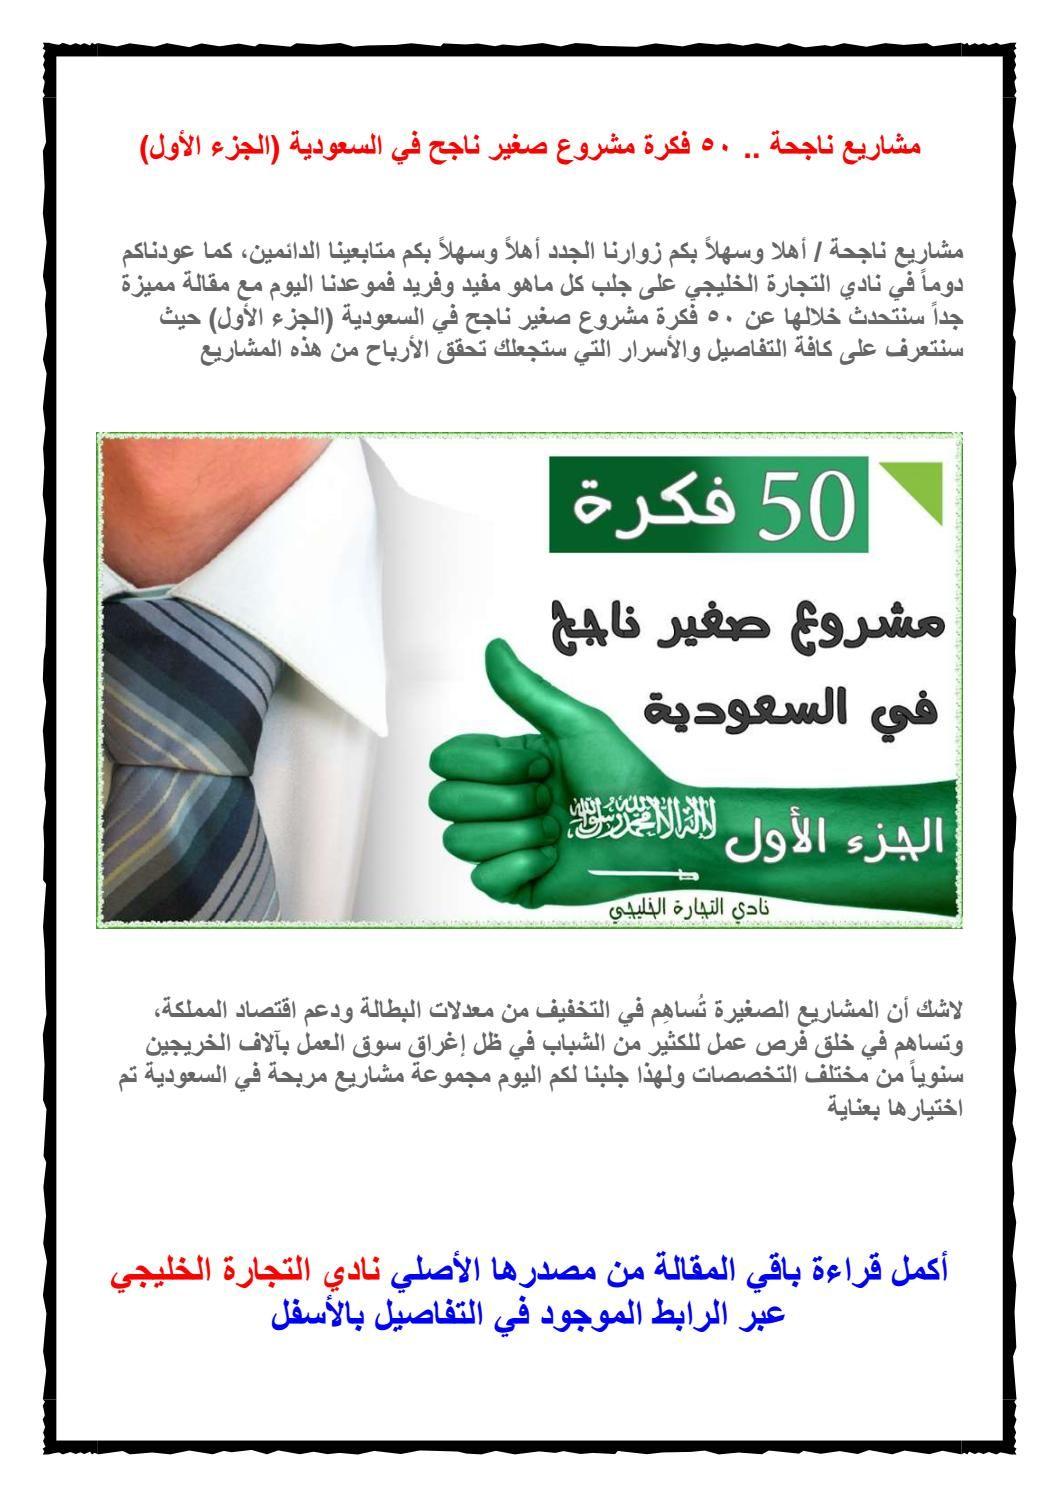 مشاريع ناجحة 50 فكرة مشروع صغير ناجح في السعودية الجزء الأول Microsoft Word Document Microsoft Word Words